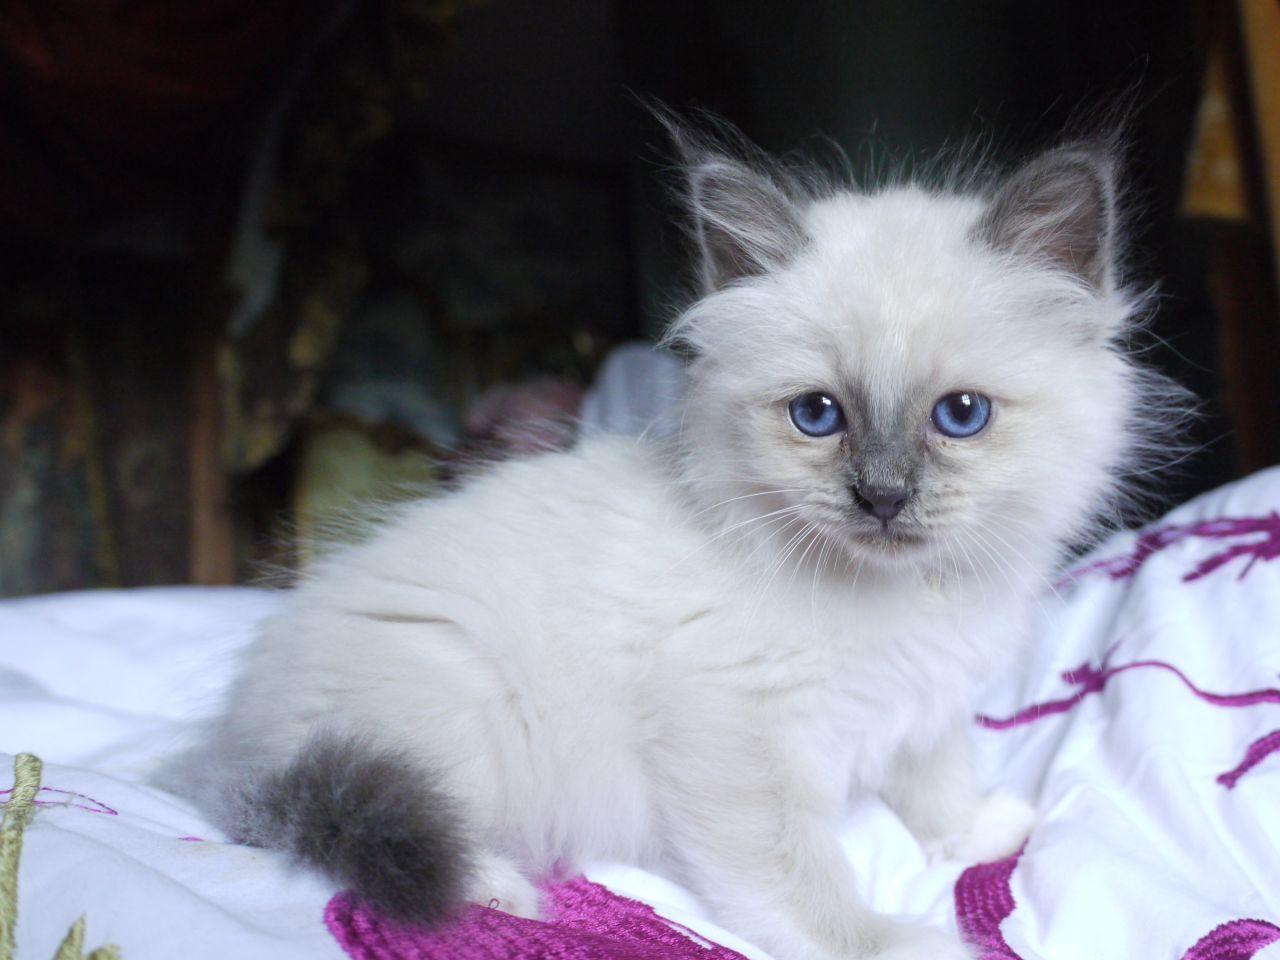 beautiful birman kittens for sale 51c03d b7 JPG 1 280—960